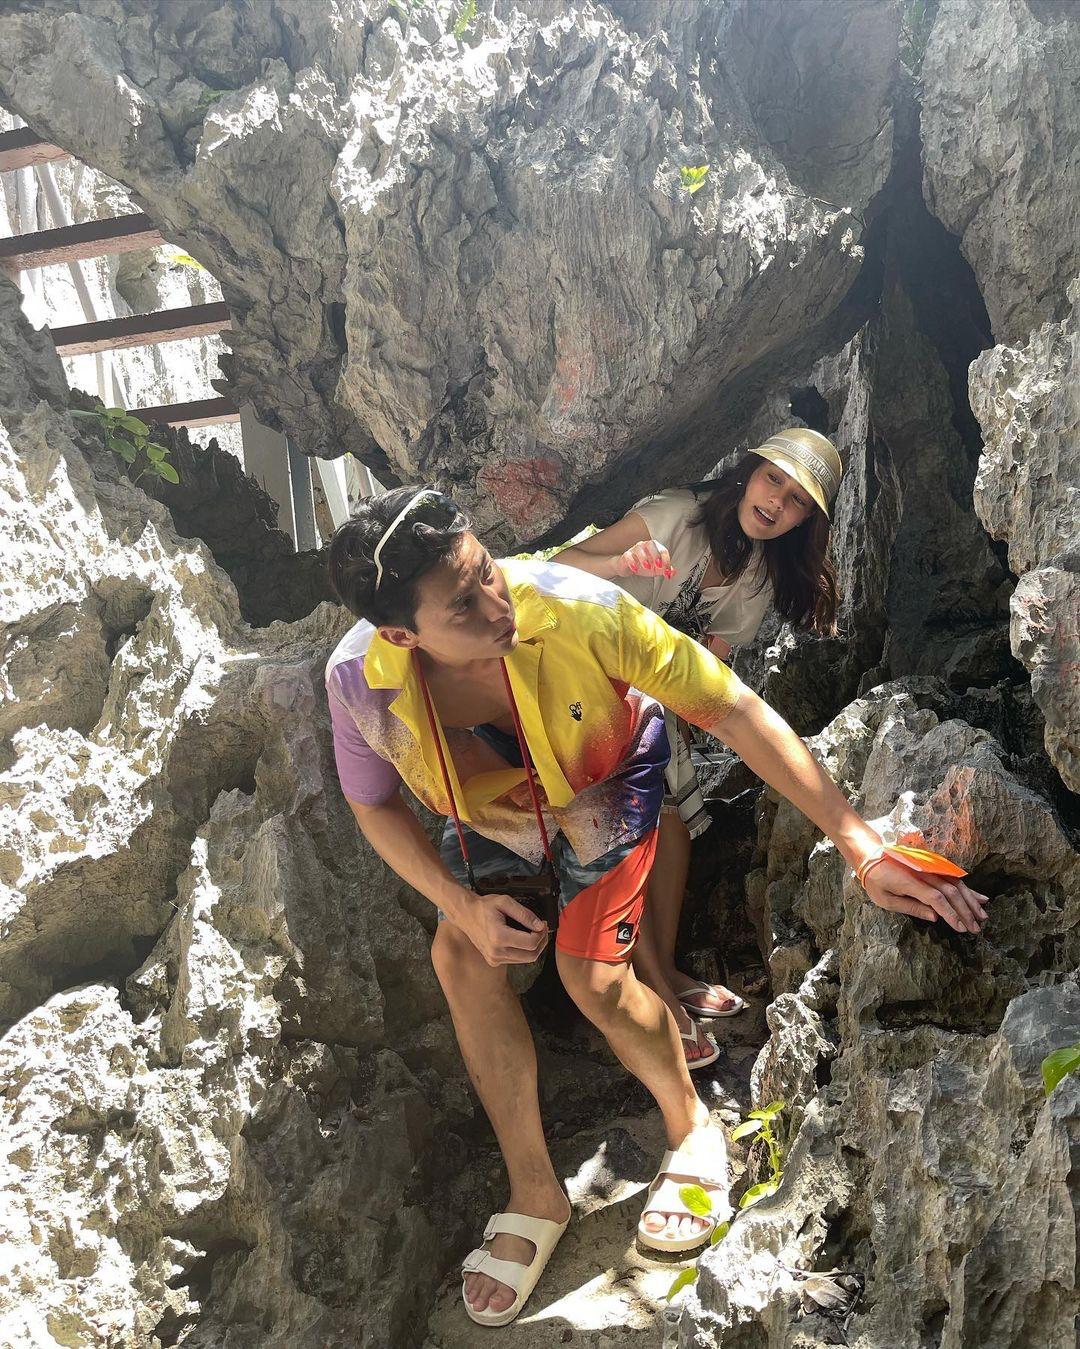 Cặp sao cau đó tham quan Vườn quốc gia Ang Thong - quần đảo cách Koh Samui khoảng 2 tiếng đồng hồ di chuyển. 42 hòn đảo lớn nhỏ, từ những đảo hình thành bởi đá vôi đến đảo có bãi cát trắng, mang đến nhiều trải nghiệm thú vị.